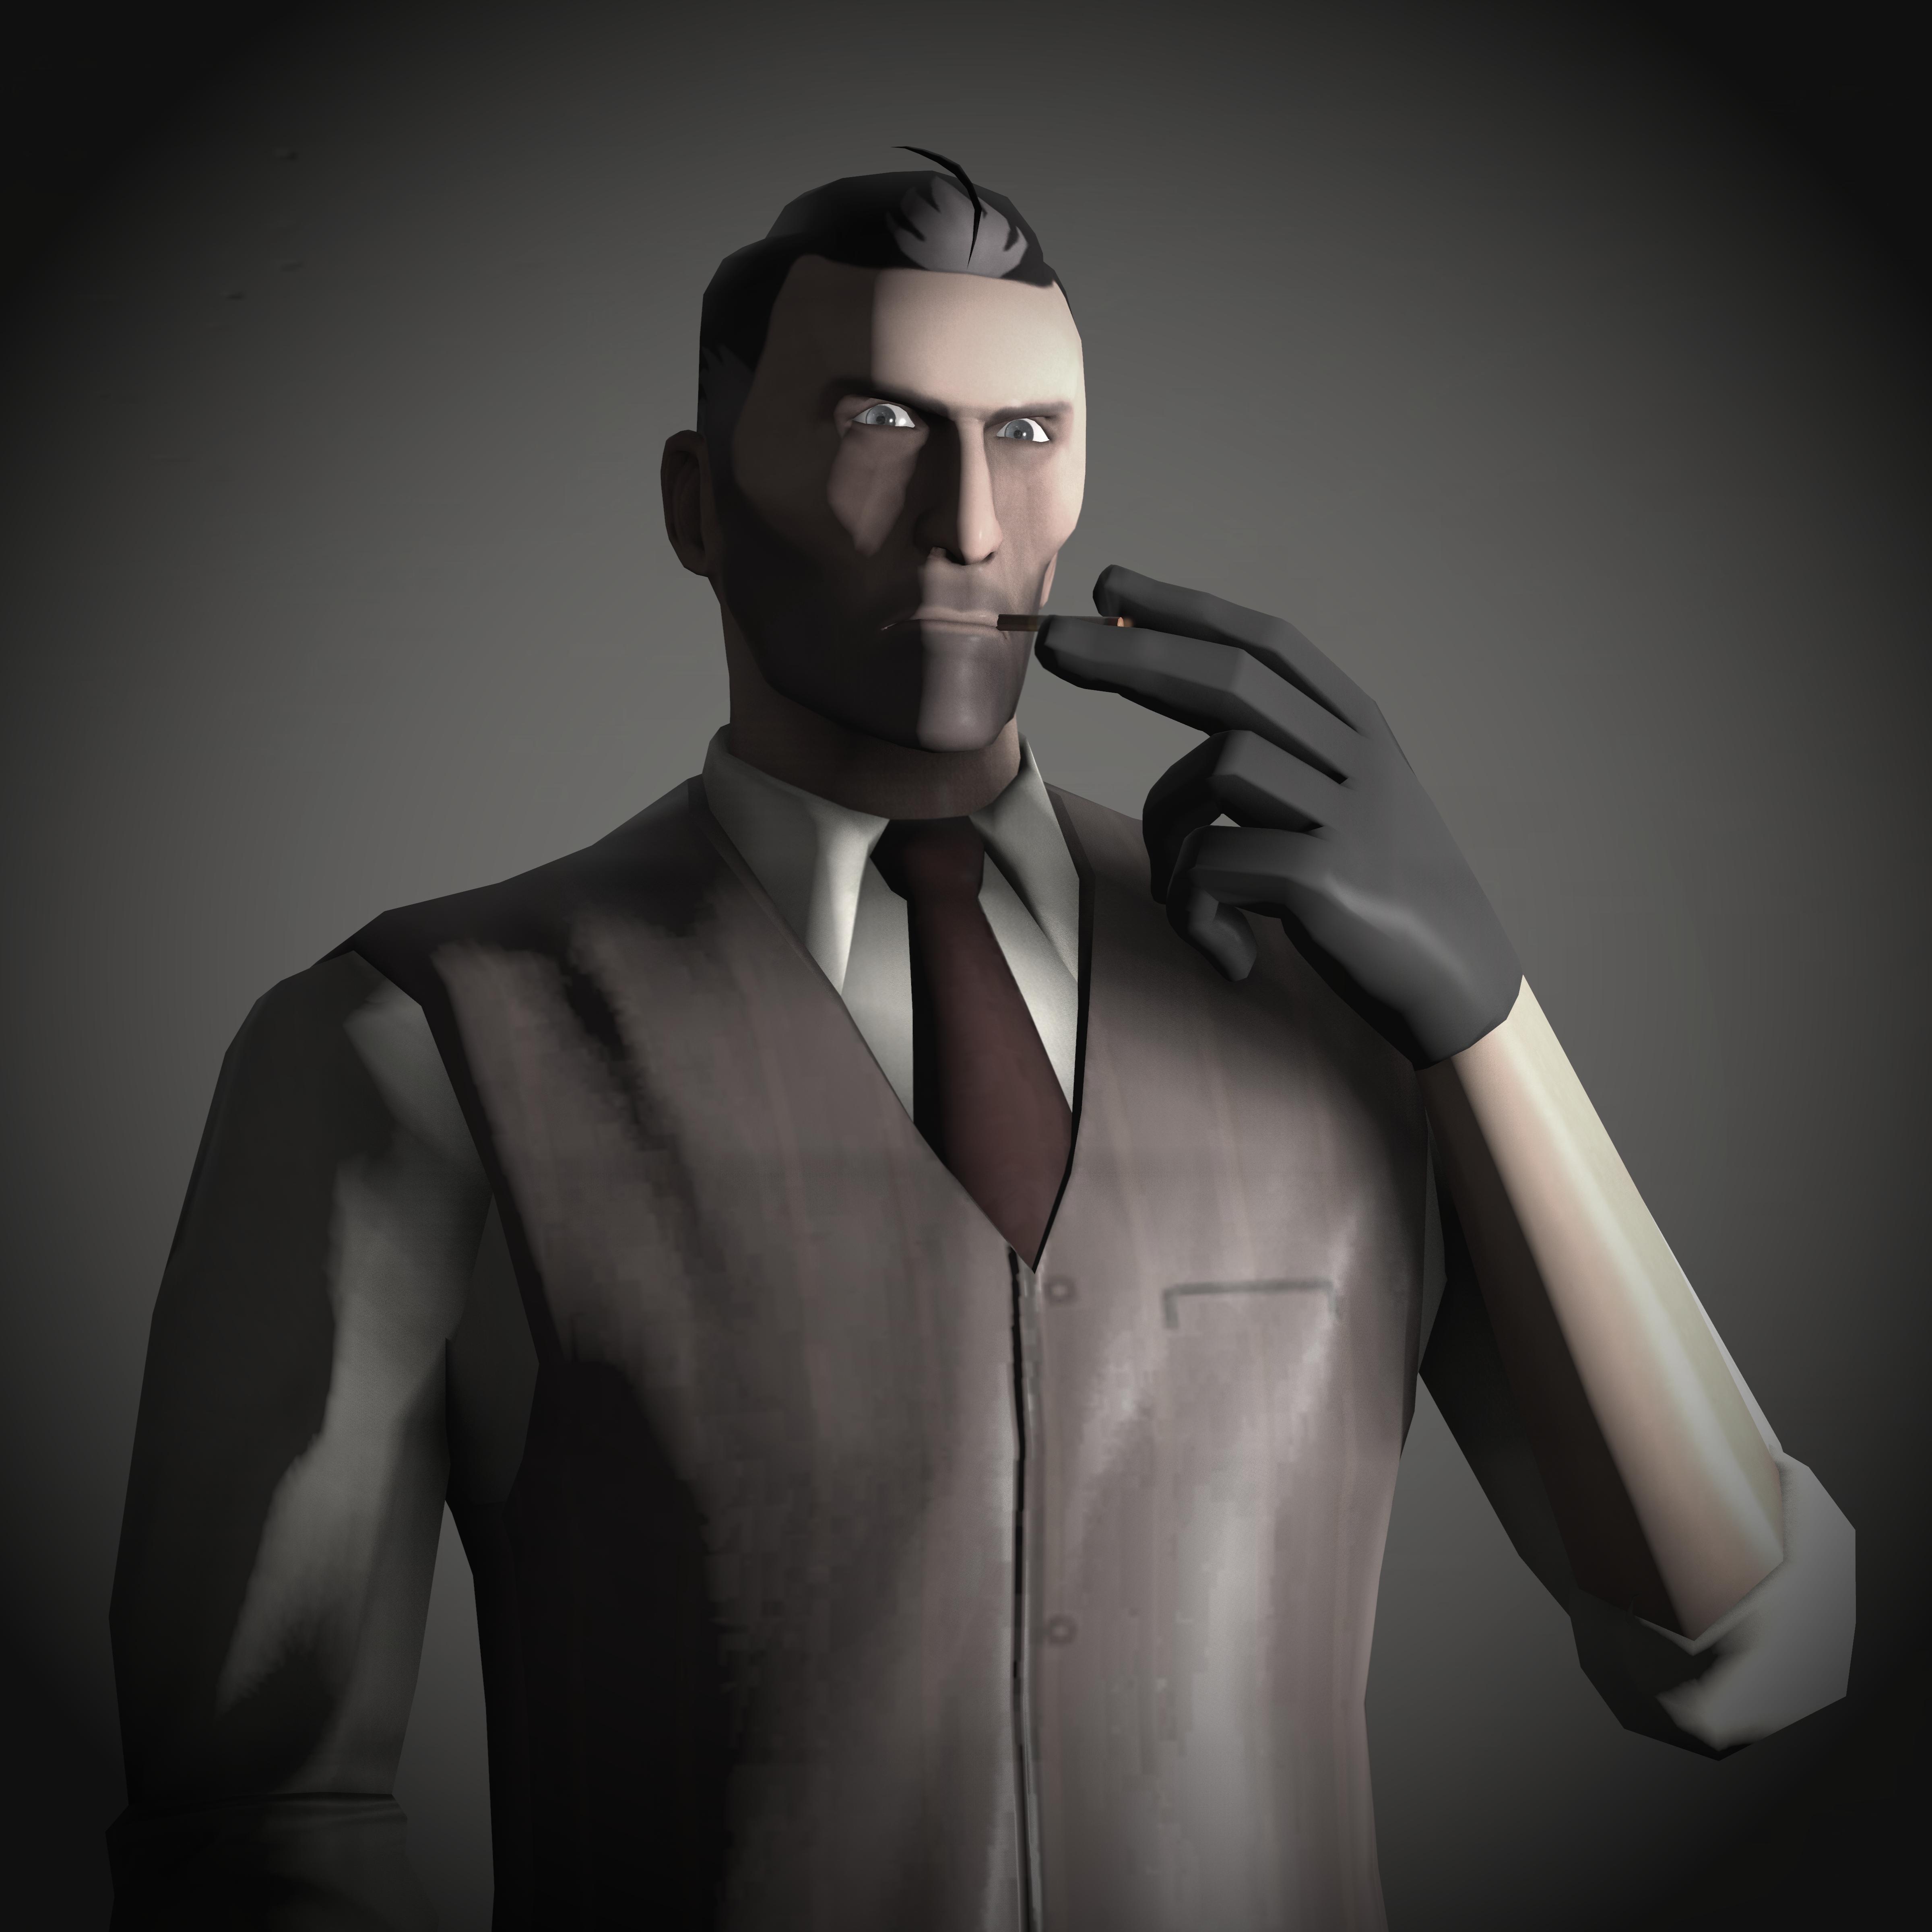 Tf2 Spy Portrait